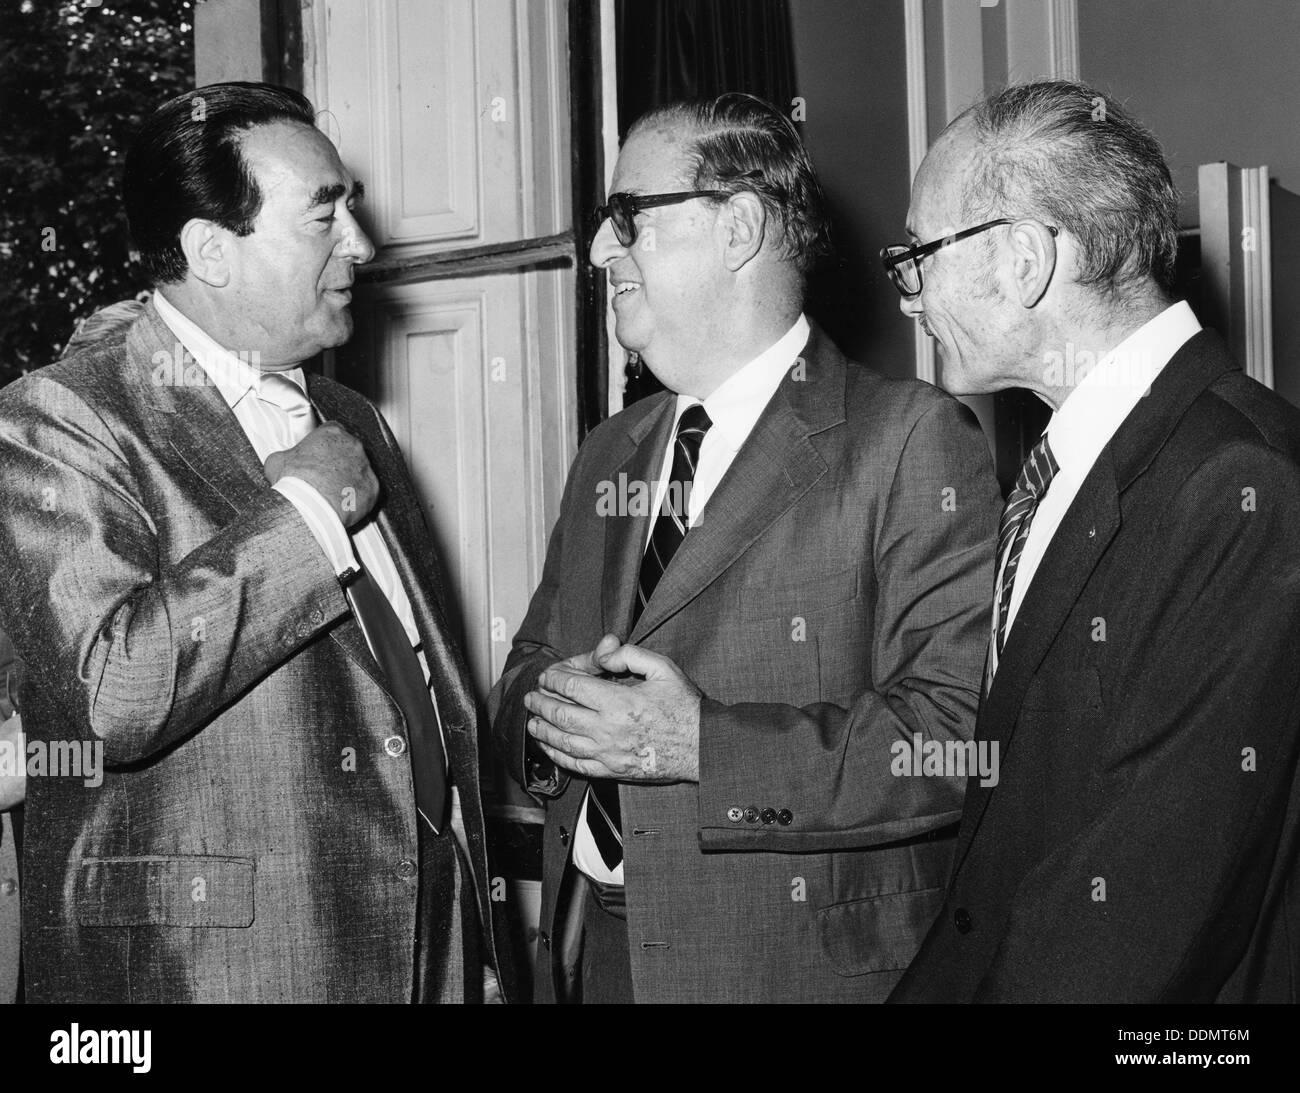 Robert Maxwell (1923-1991), Czech publisher/businessman. - Stock Image